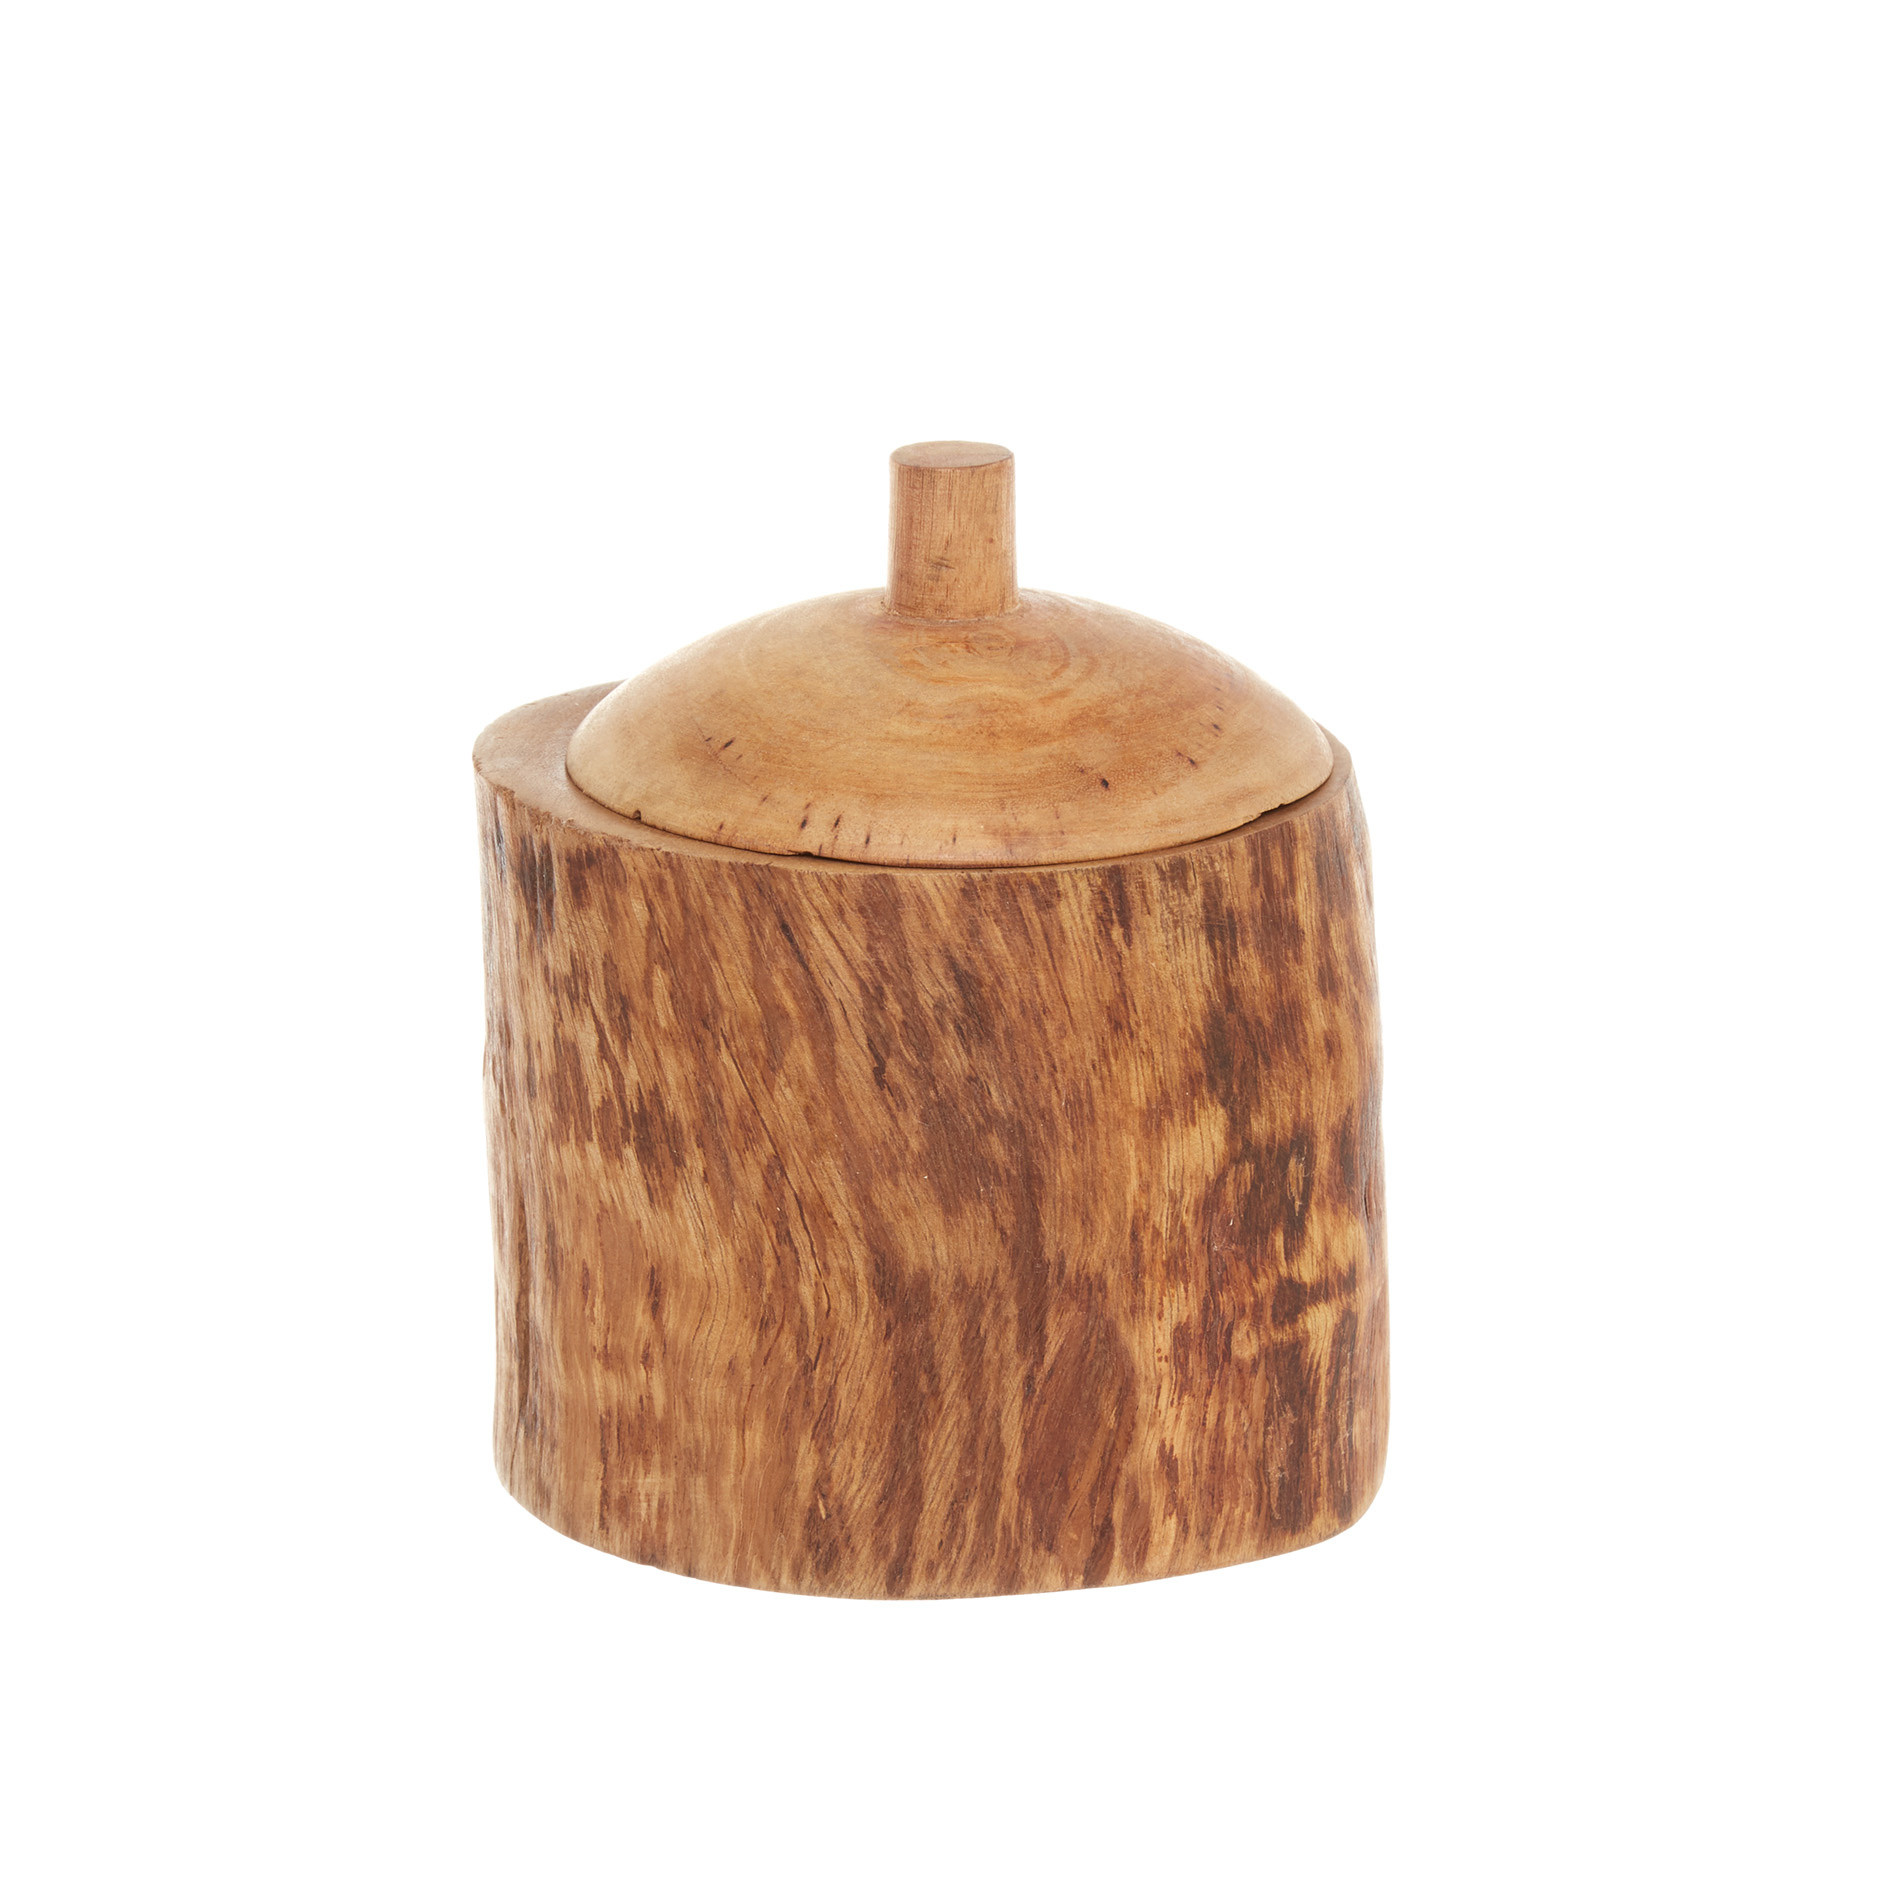 Box legno di mango decorato a mano, Marrone, large image number 1